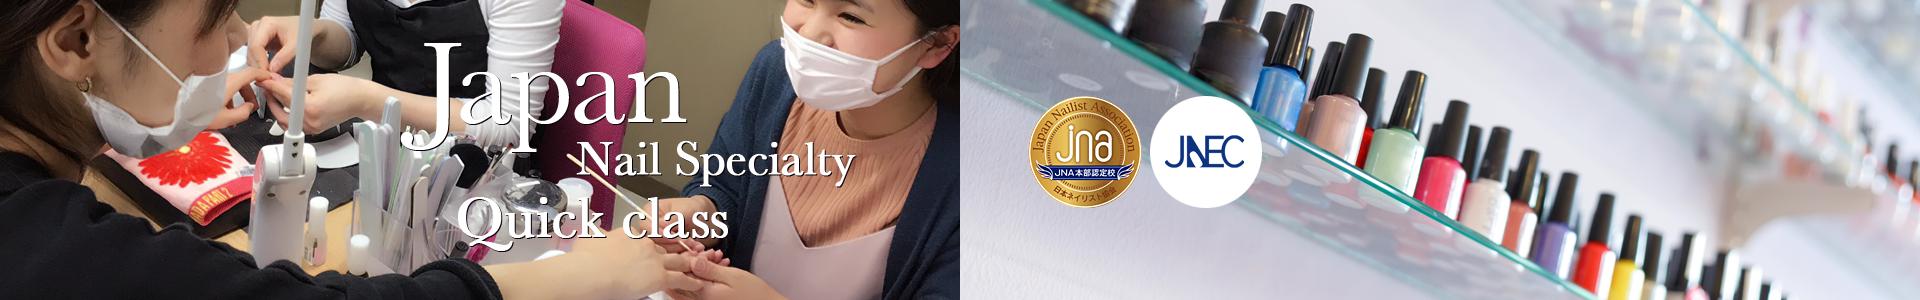 JNECネイリスト技能検定、JNAジェルネイル検定など国内の資格取得のクイッククラス